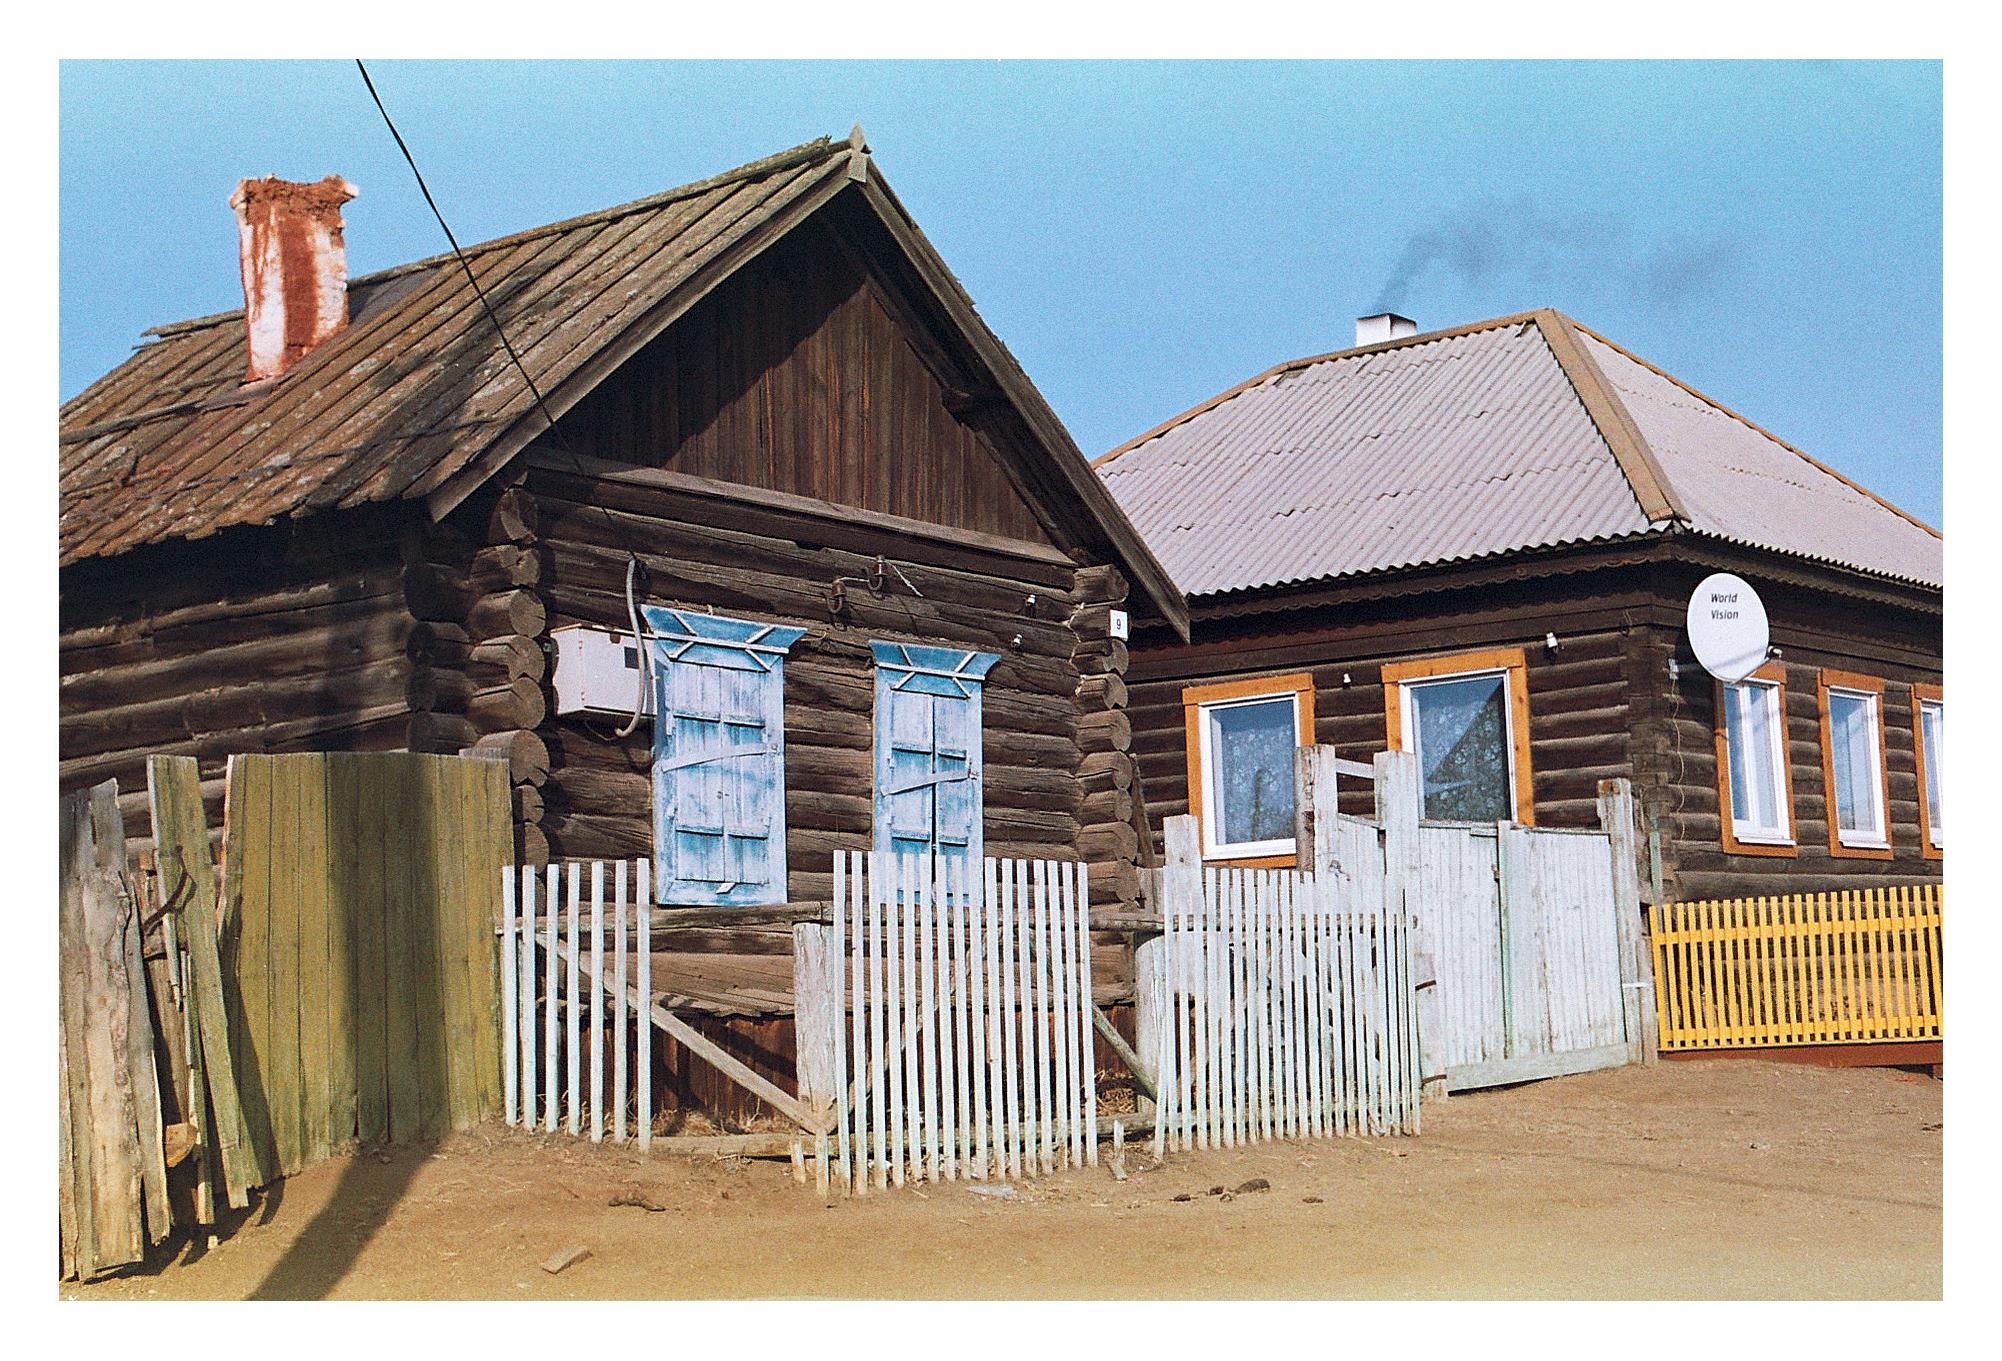 Siberia, 2017